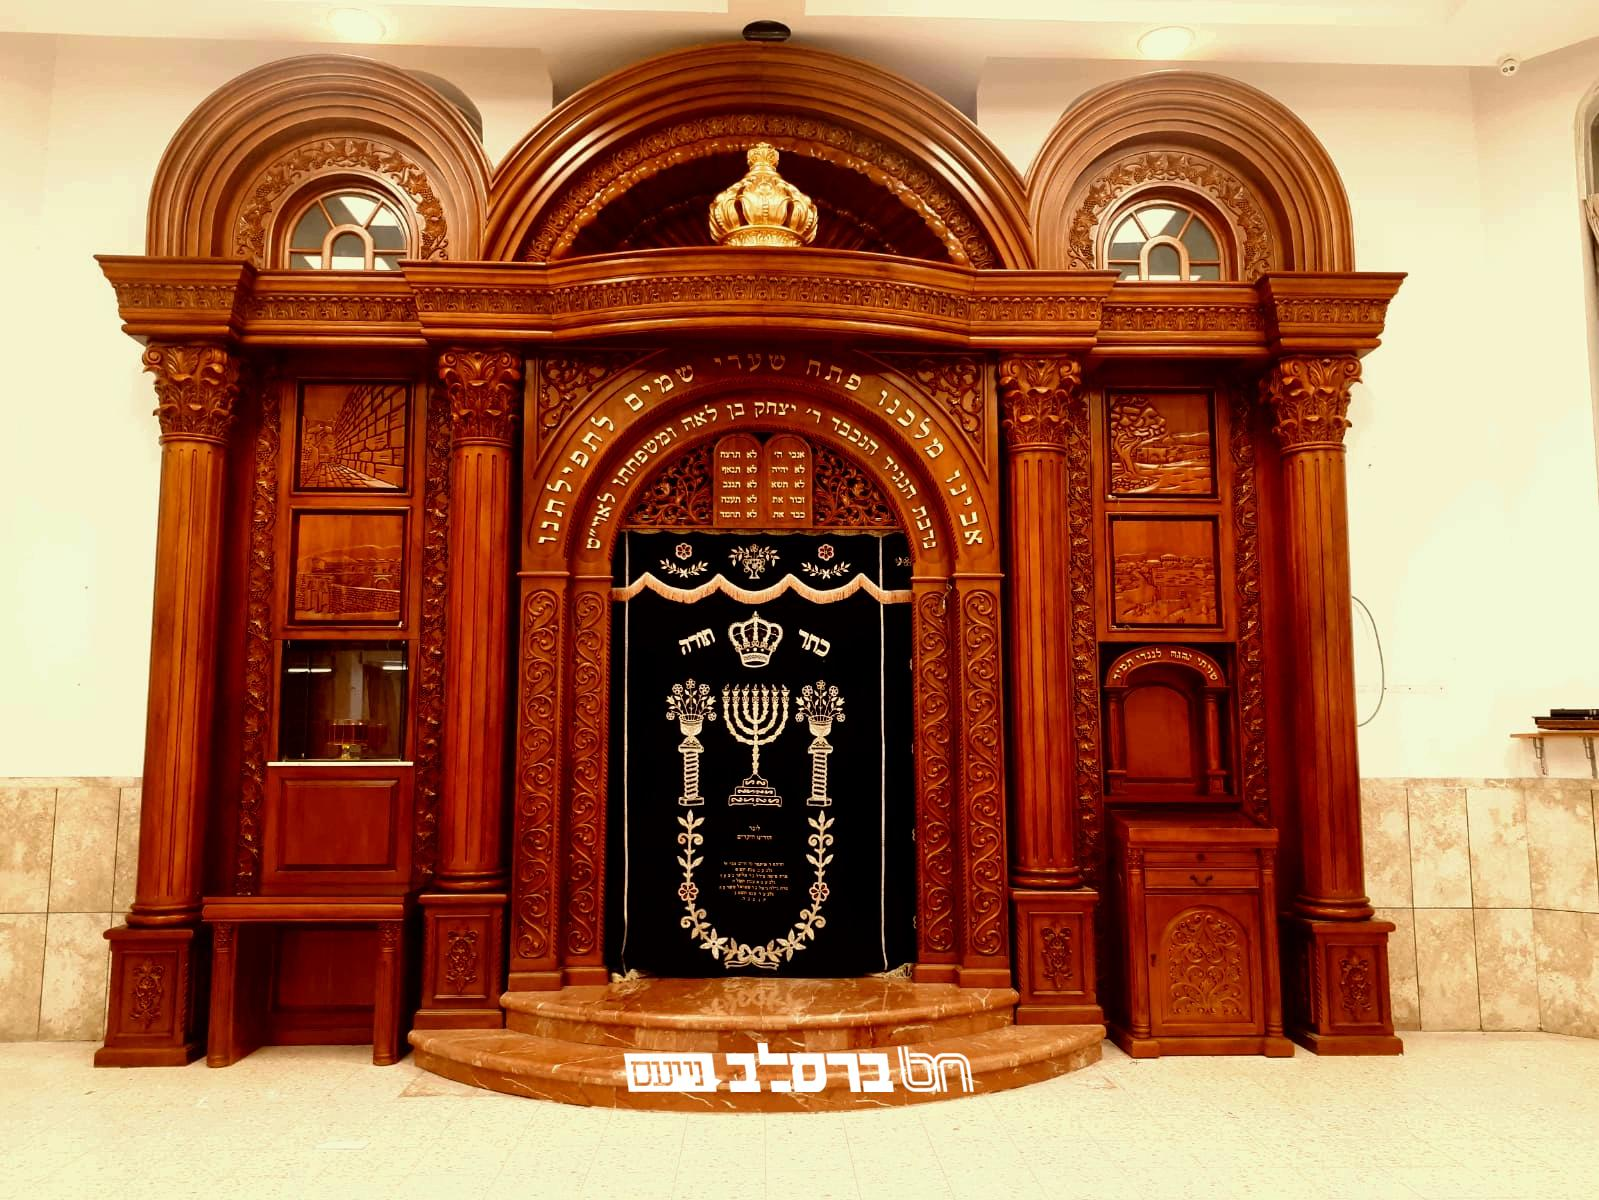 אֲרוֹן עֻזֶּךָ • חונך ארון הקודש מרהיב בבית הכנסת 'אור אברהם' • צפו